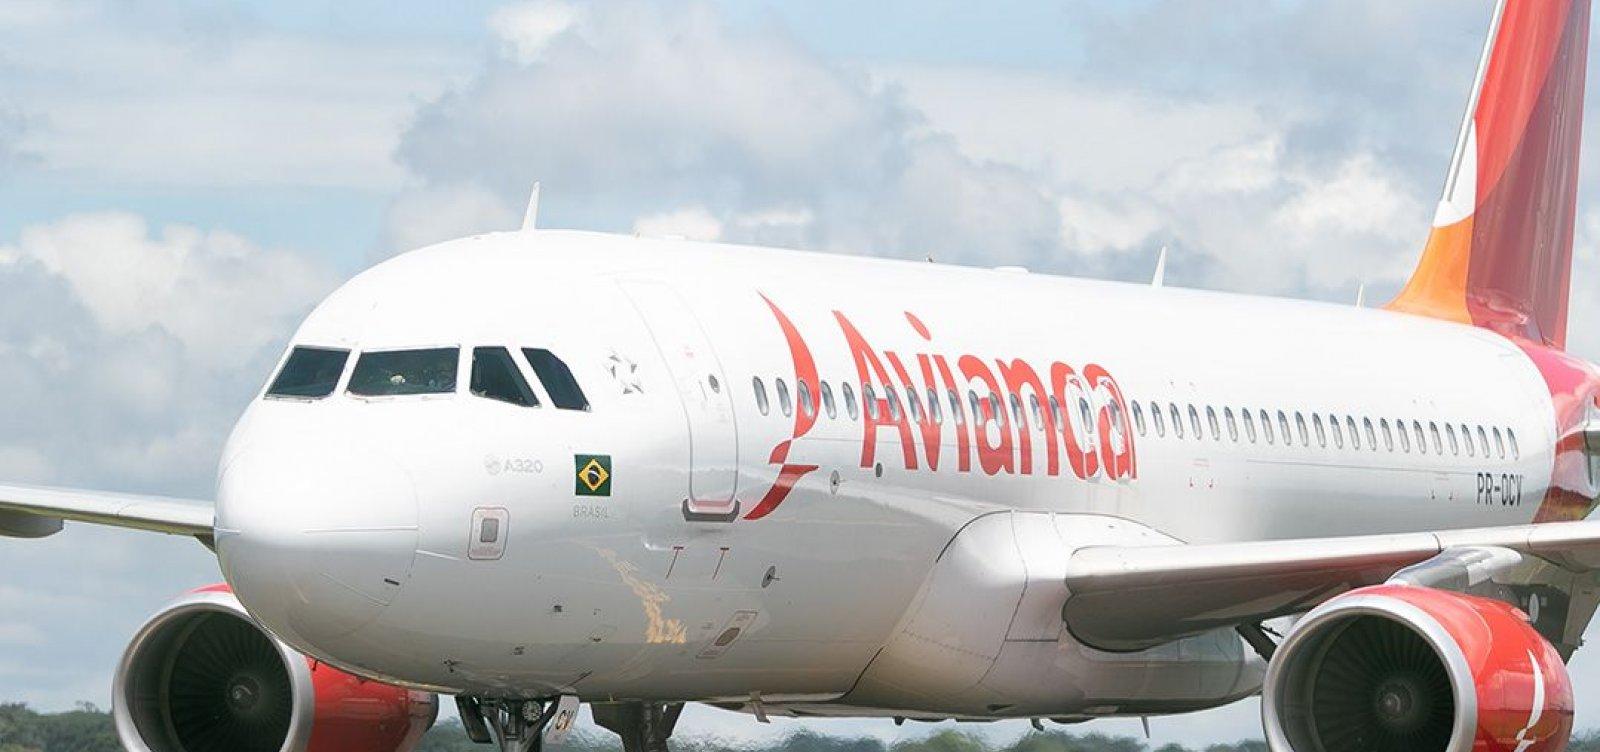 [Avianca Brasil paga taxas aeroportuárias e opera normalmente em Guarulhos]